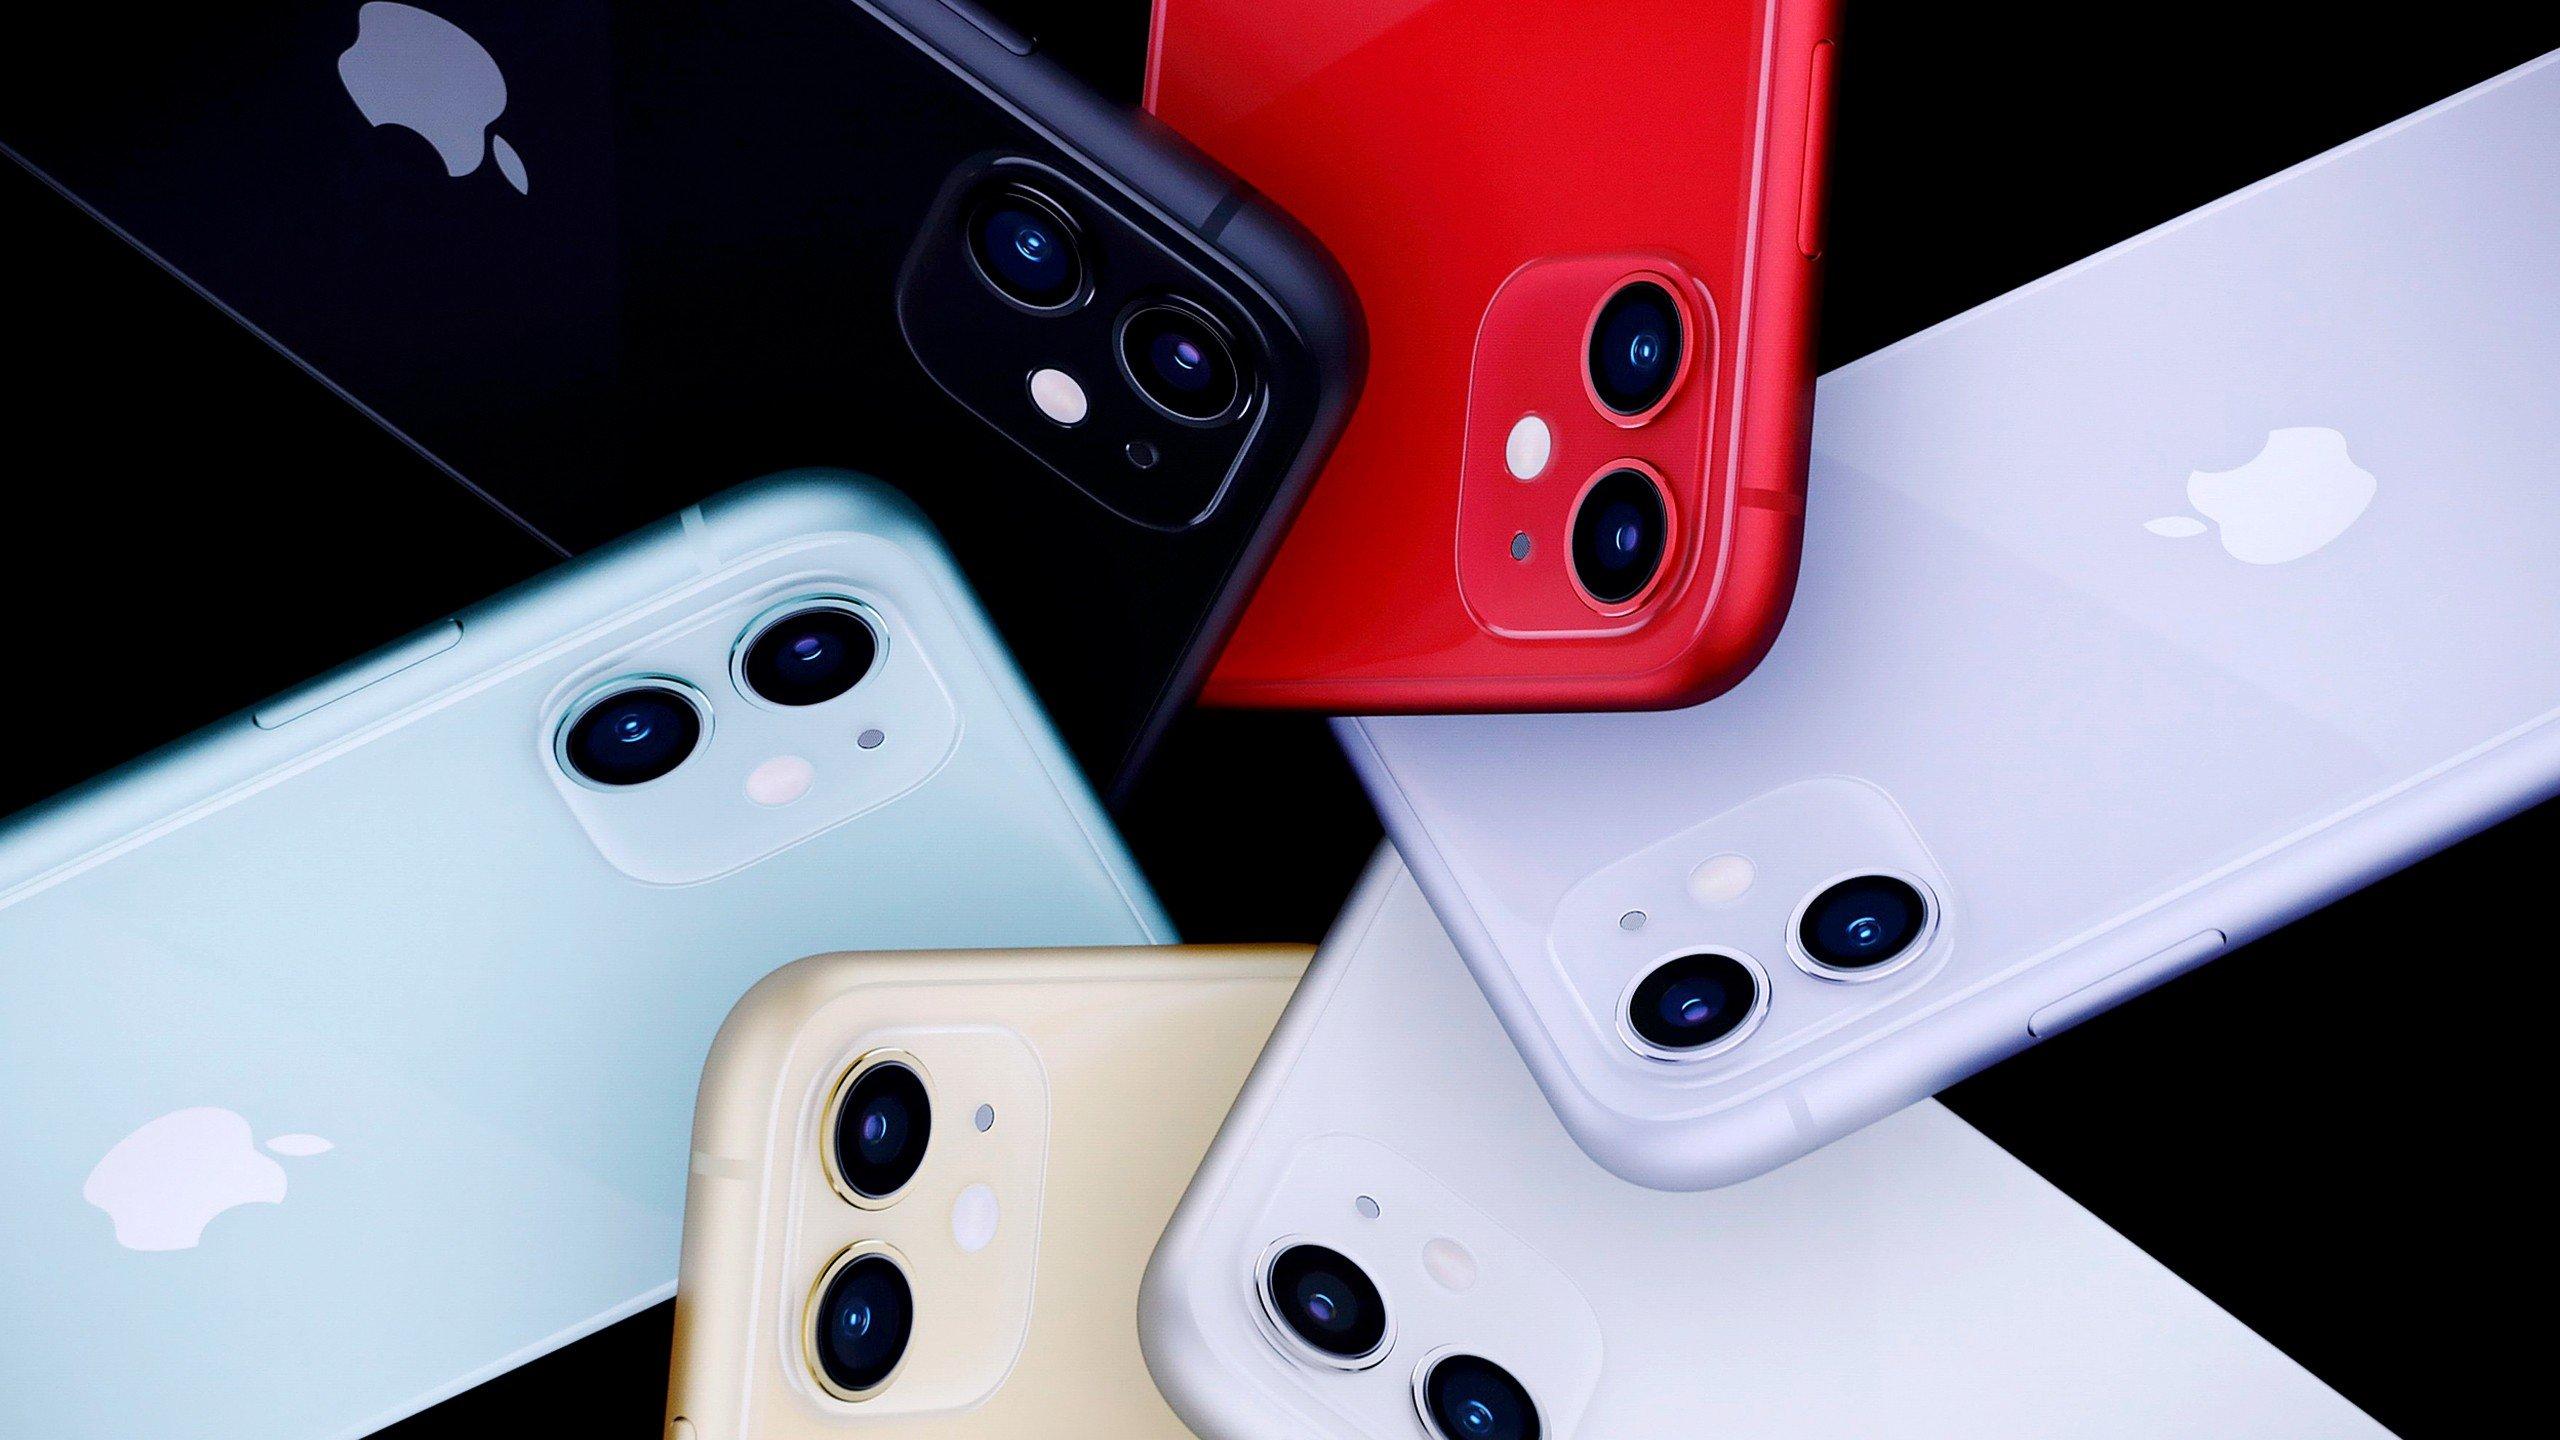 Fondos de pantalla iPhone 11 en todos los colores